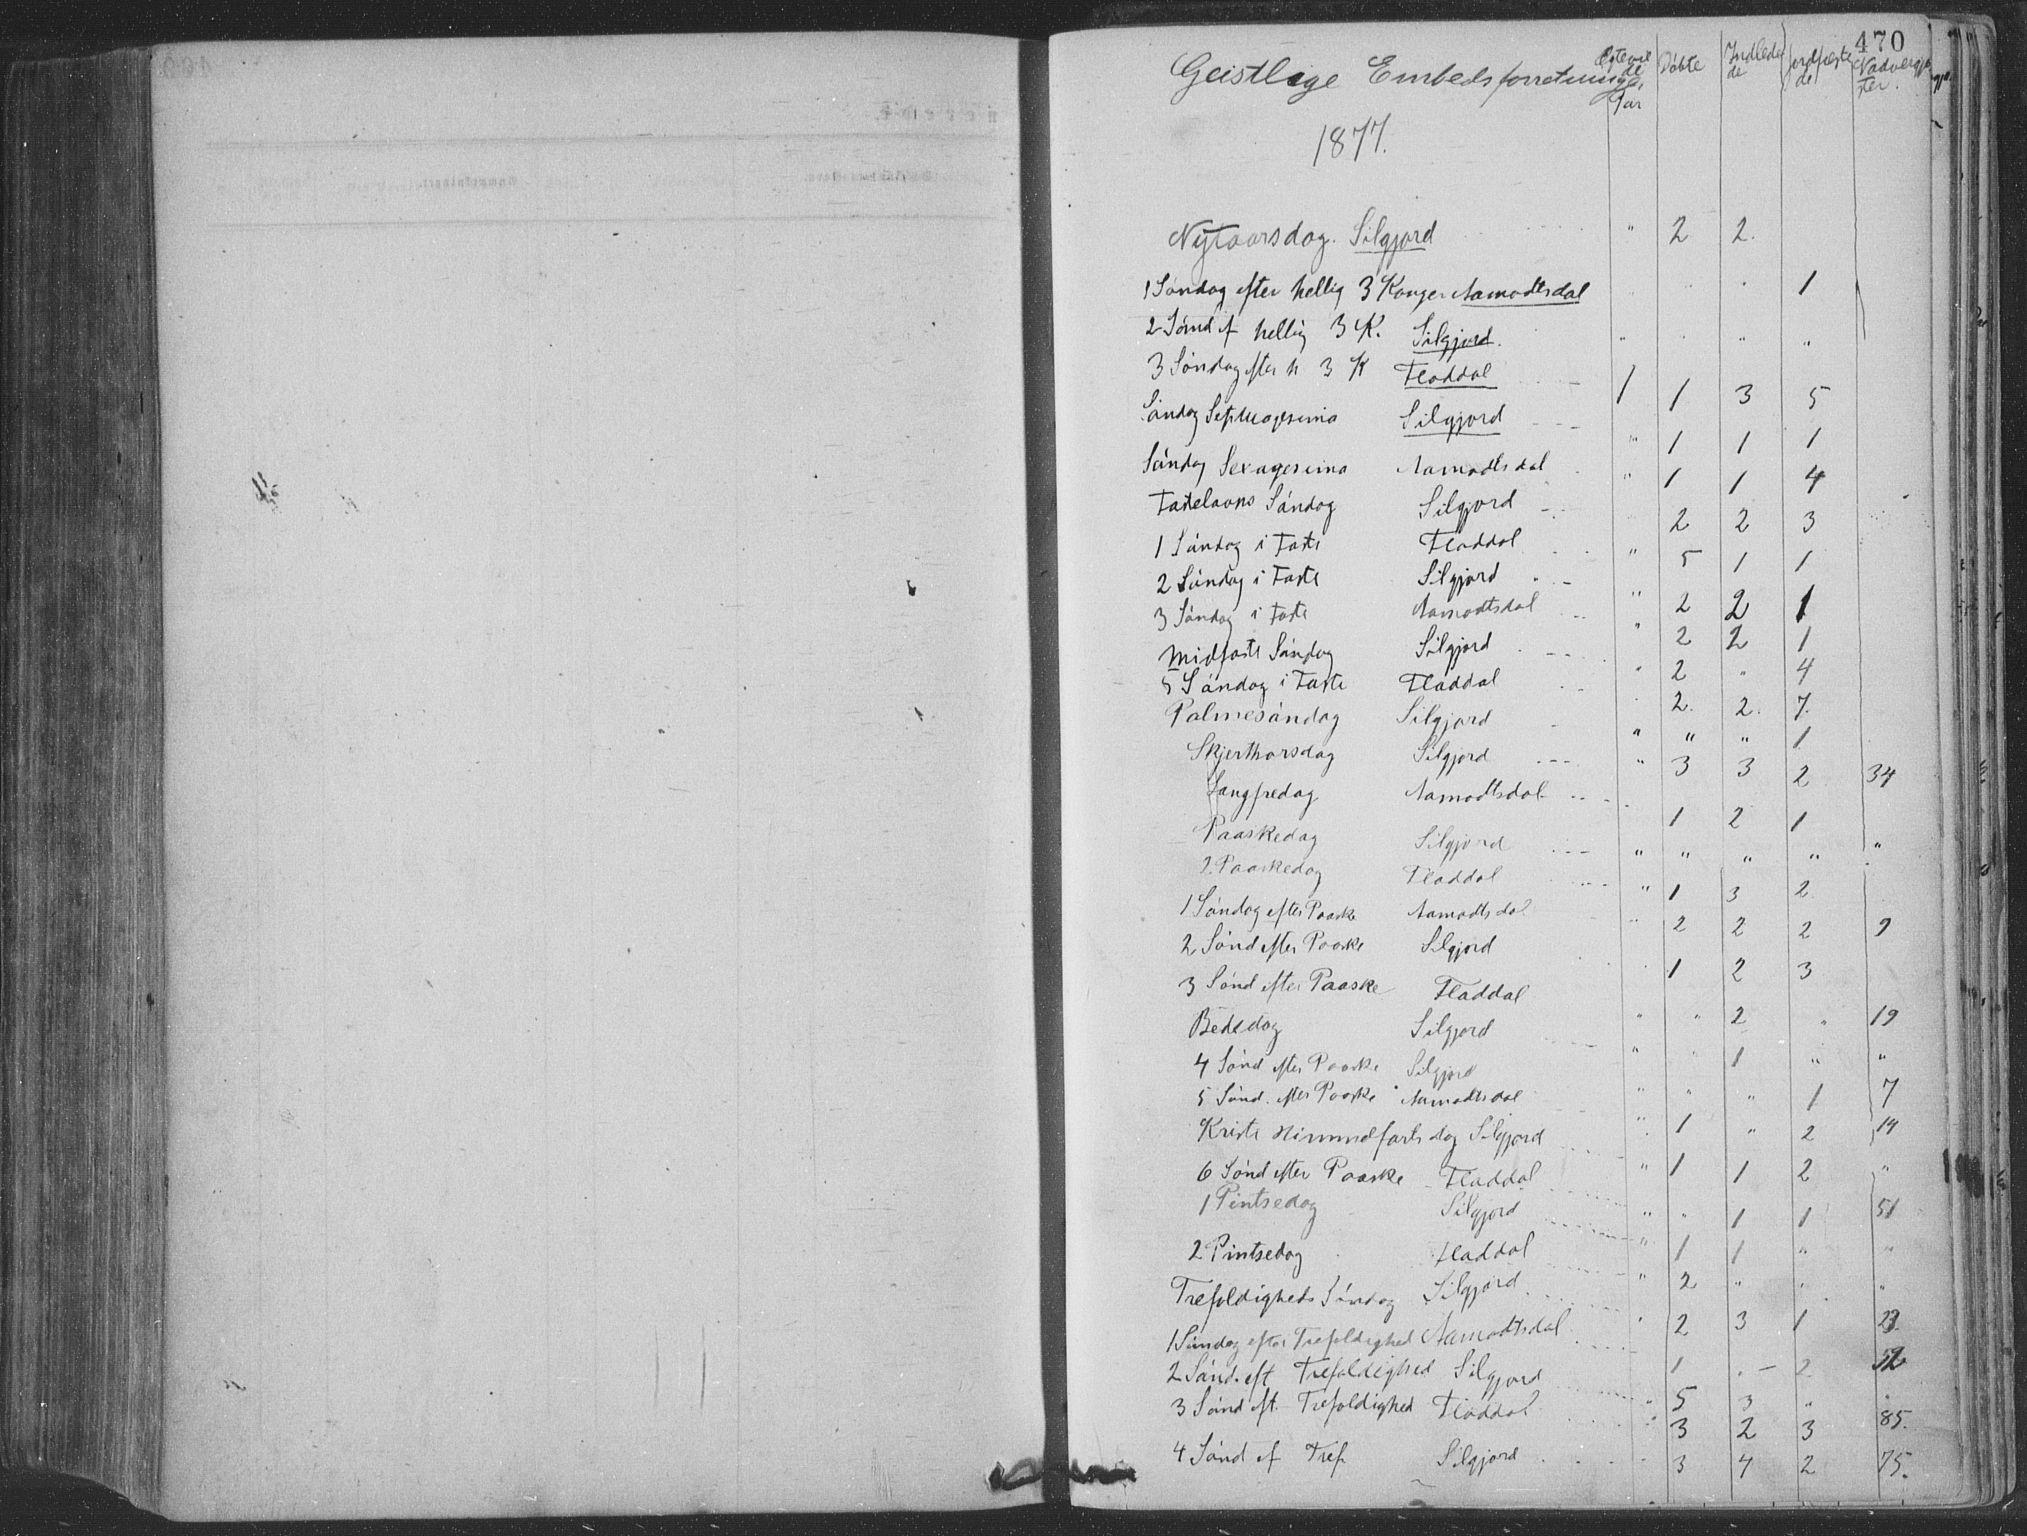 SAKO, Seljord kirkebøker, F/Fa/L0014: Ministerialbok nr. I 14, 1877-1886, s. 470